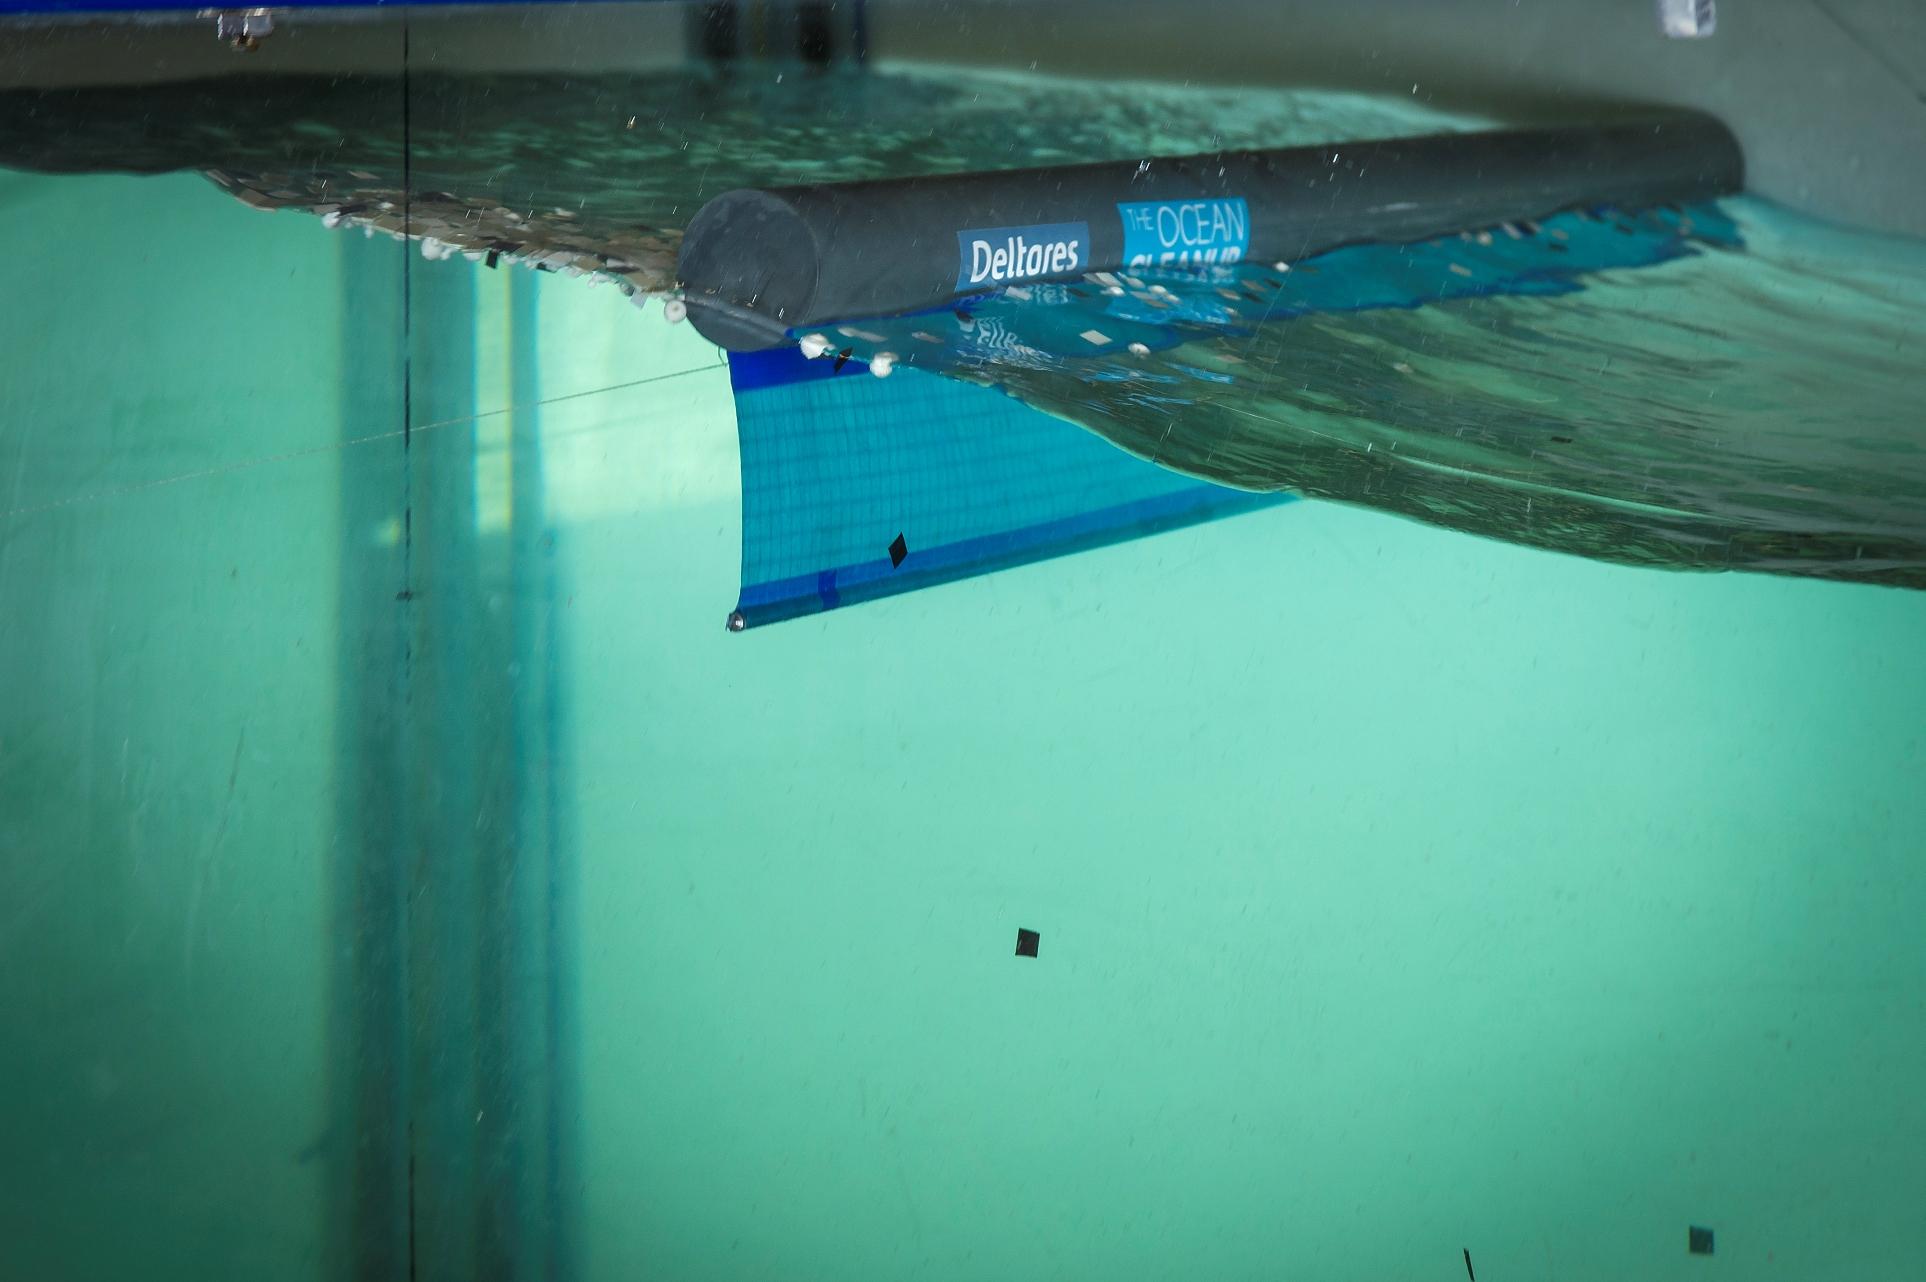 Bariéra zachytává plovoucí odpad na hladině, zatímco živočichové mohou pod bariérou proplout, zdroj: The Ocean Cleanup, foto: Erwin Zwart